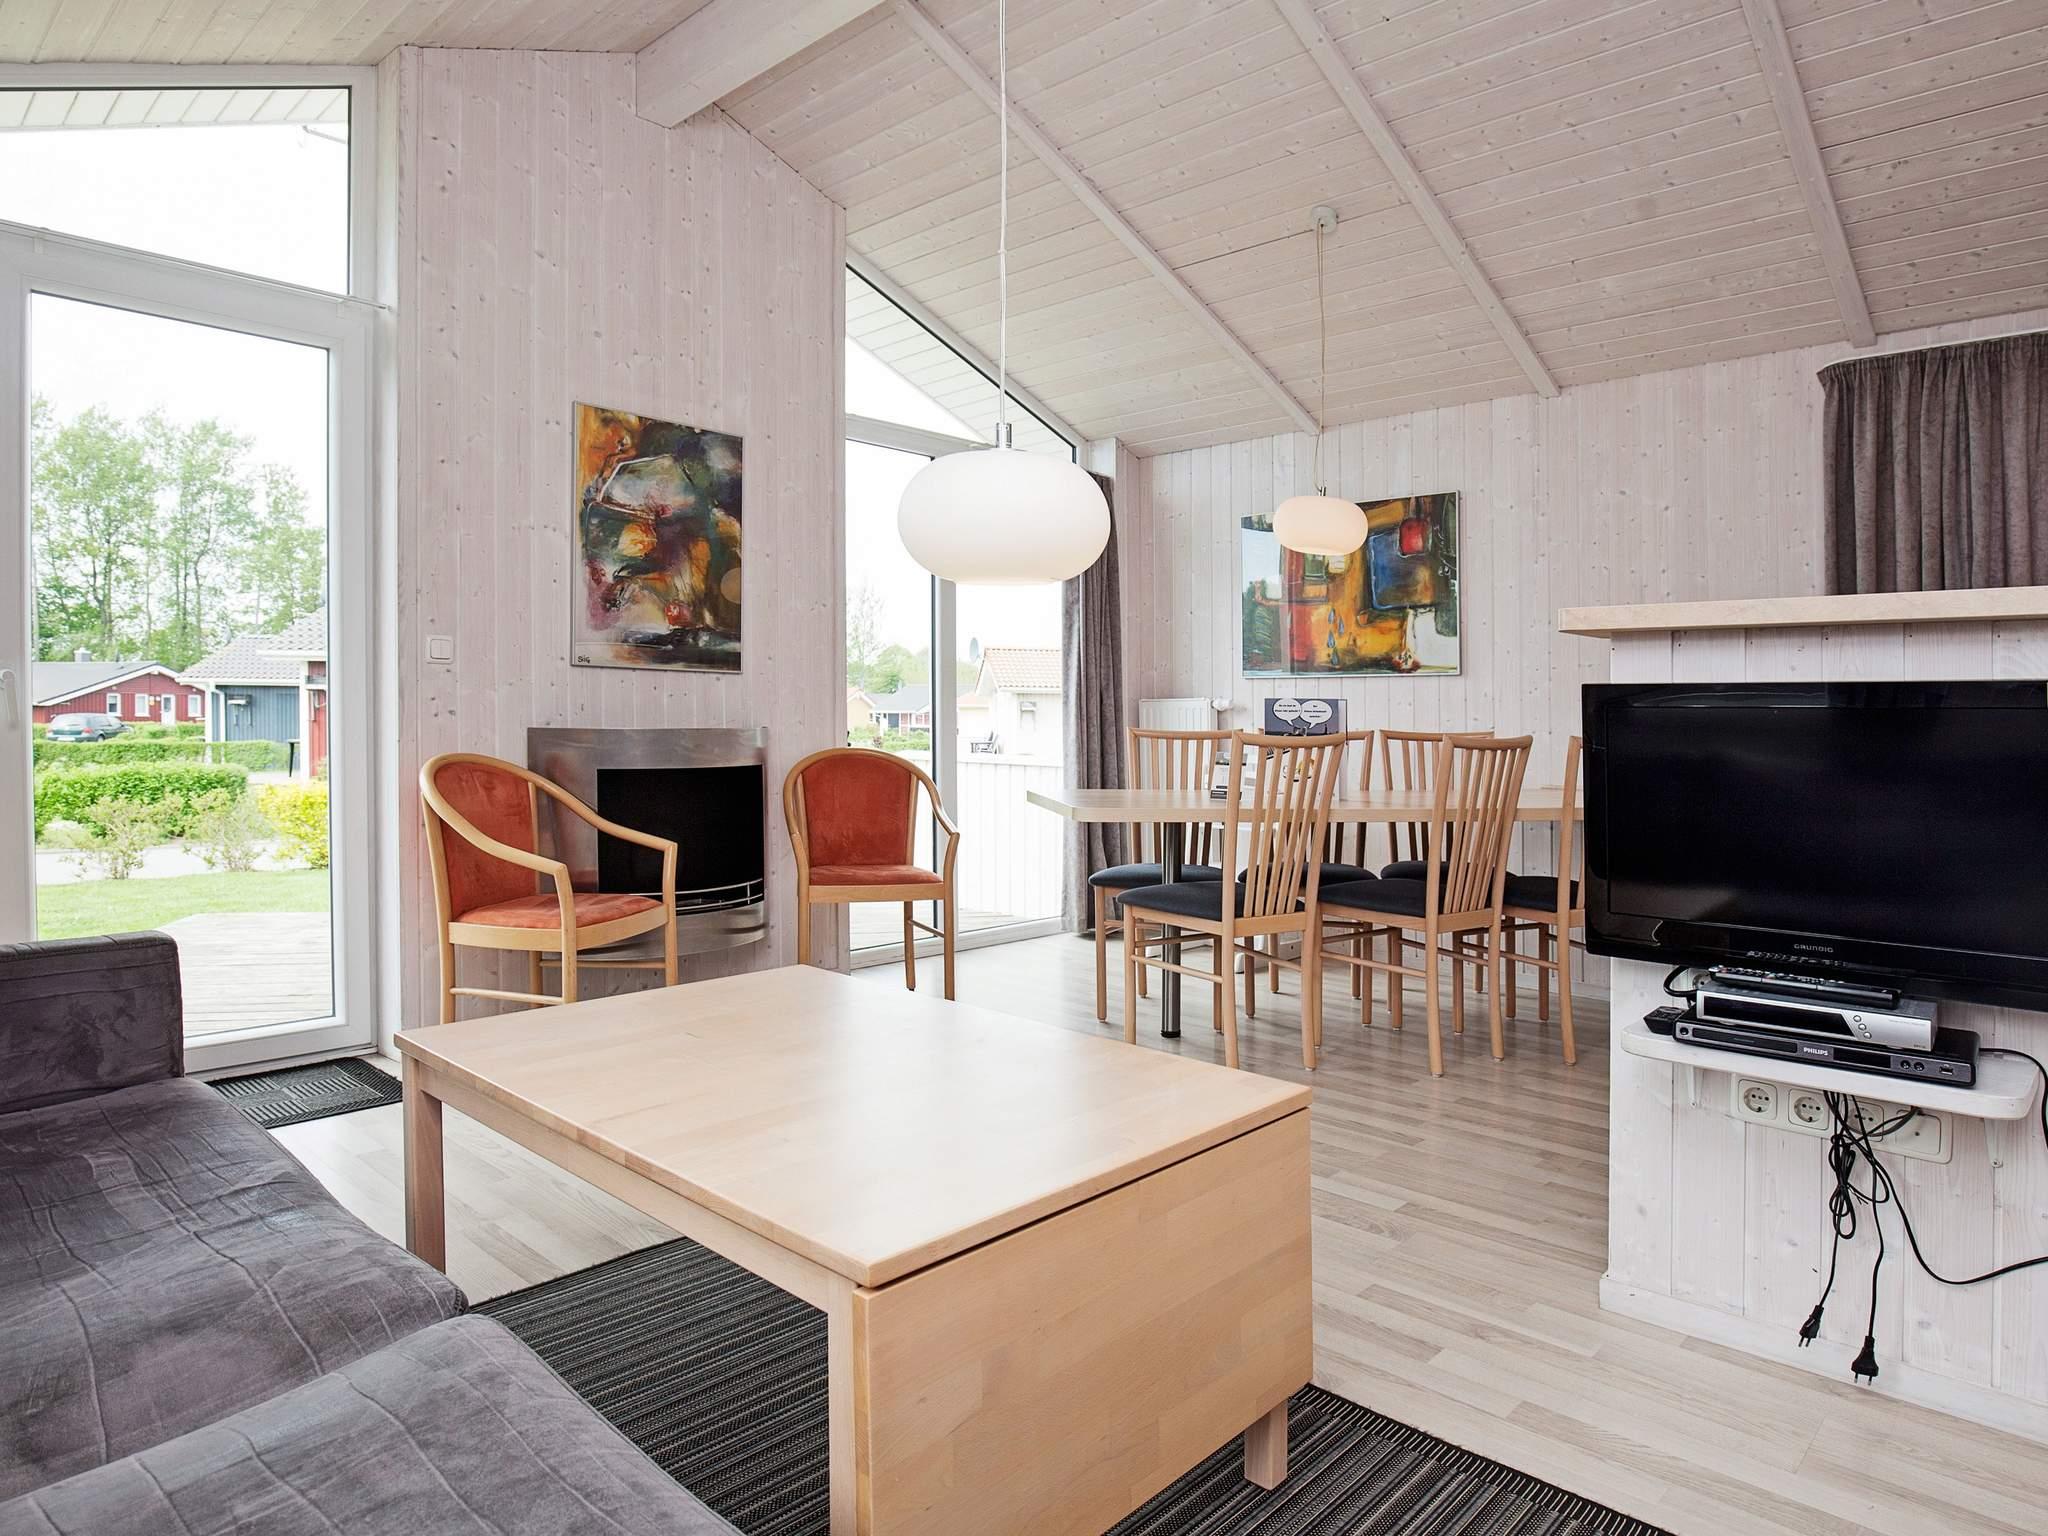 Maison de vacances Grömitz (436444), Grömitz, Baie de Lübeck, Schleswig-Holstein, Allemagne, image 2